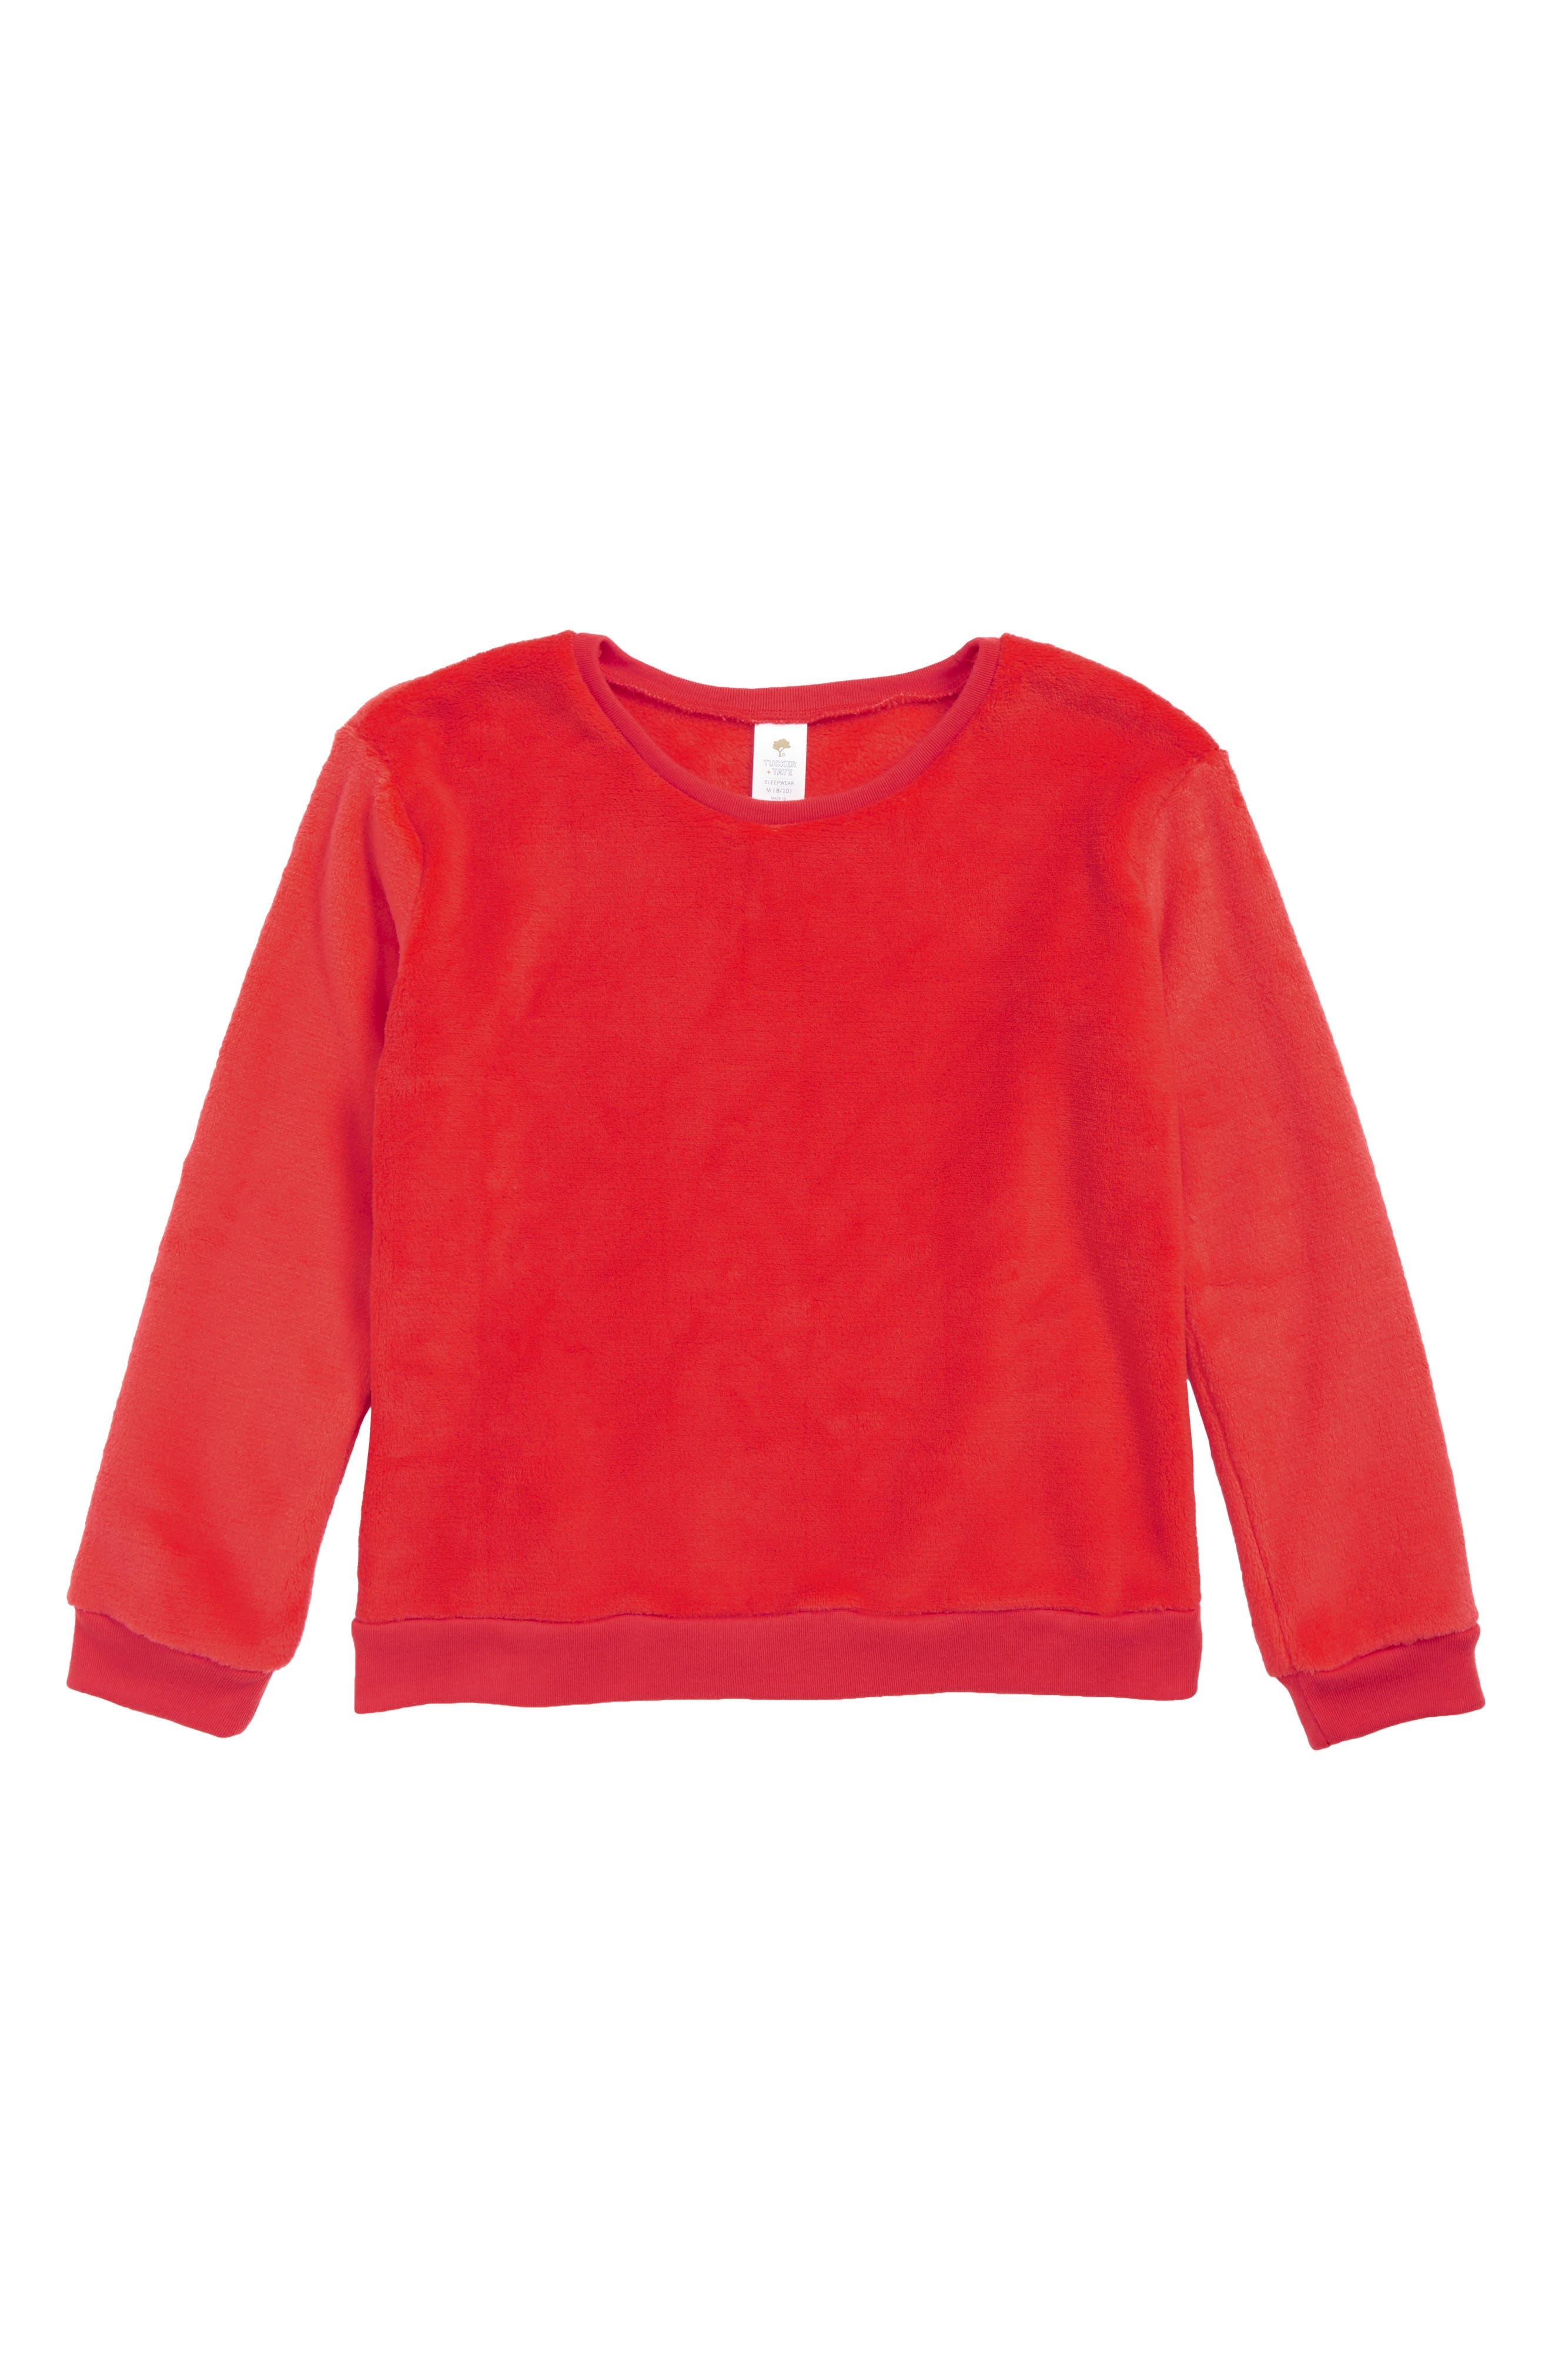 TUCKER + TATE,                             Fleece Sleep Tee,                             Main thumbnail 1, color,                             RED BLOOM